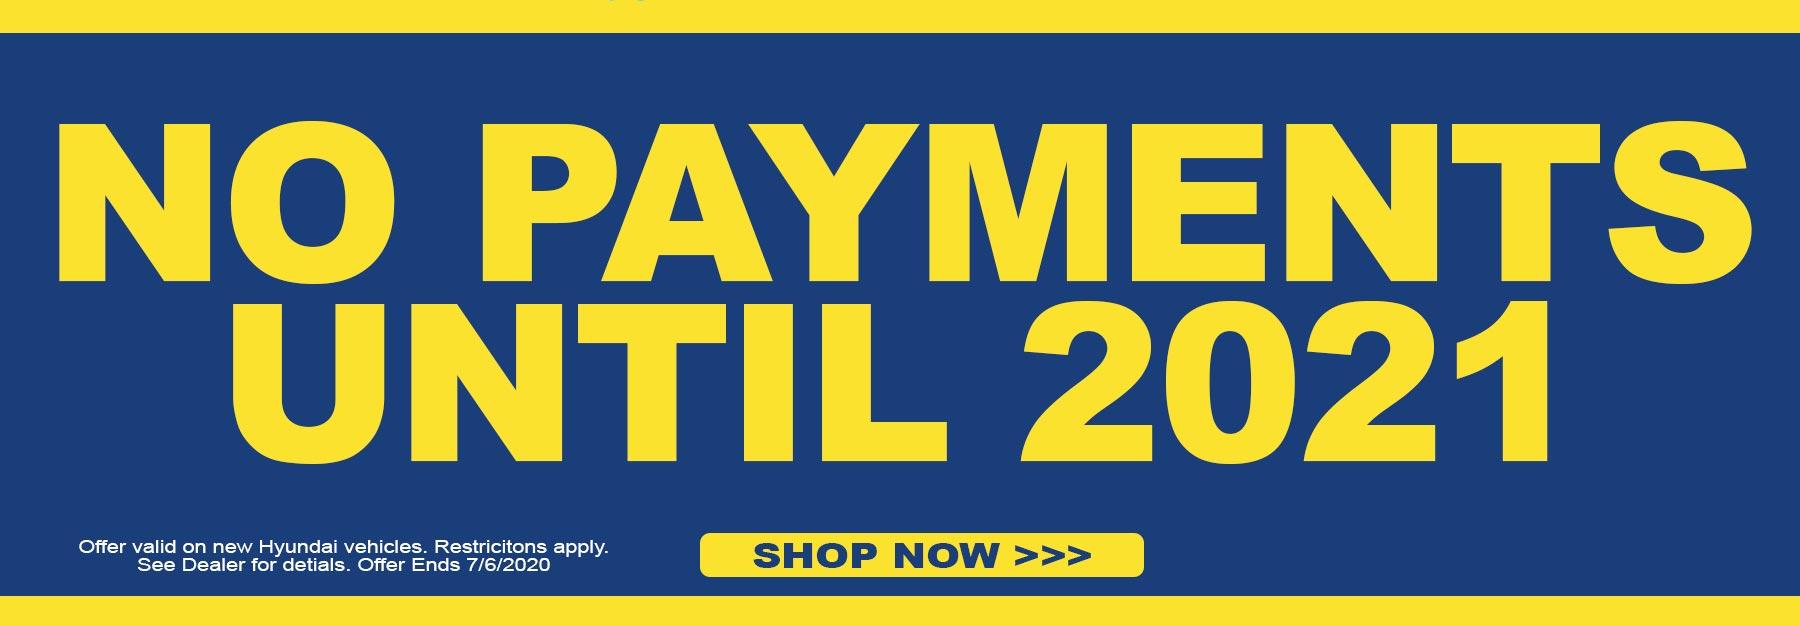 No Payments Untiol 2021